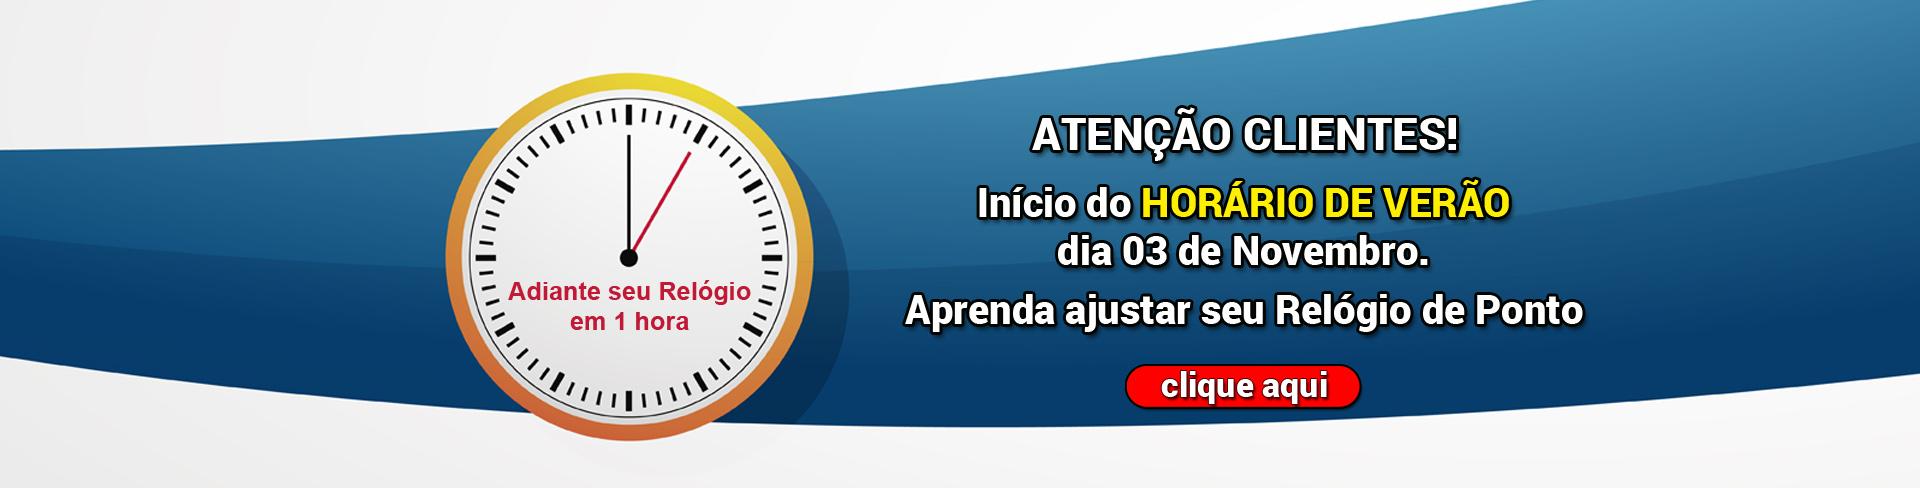 HORÁRIO VERÃO